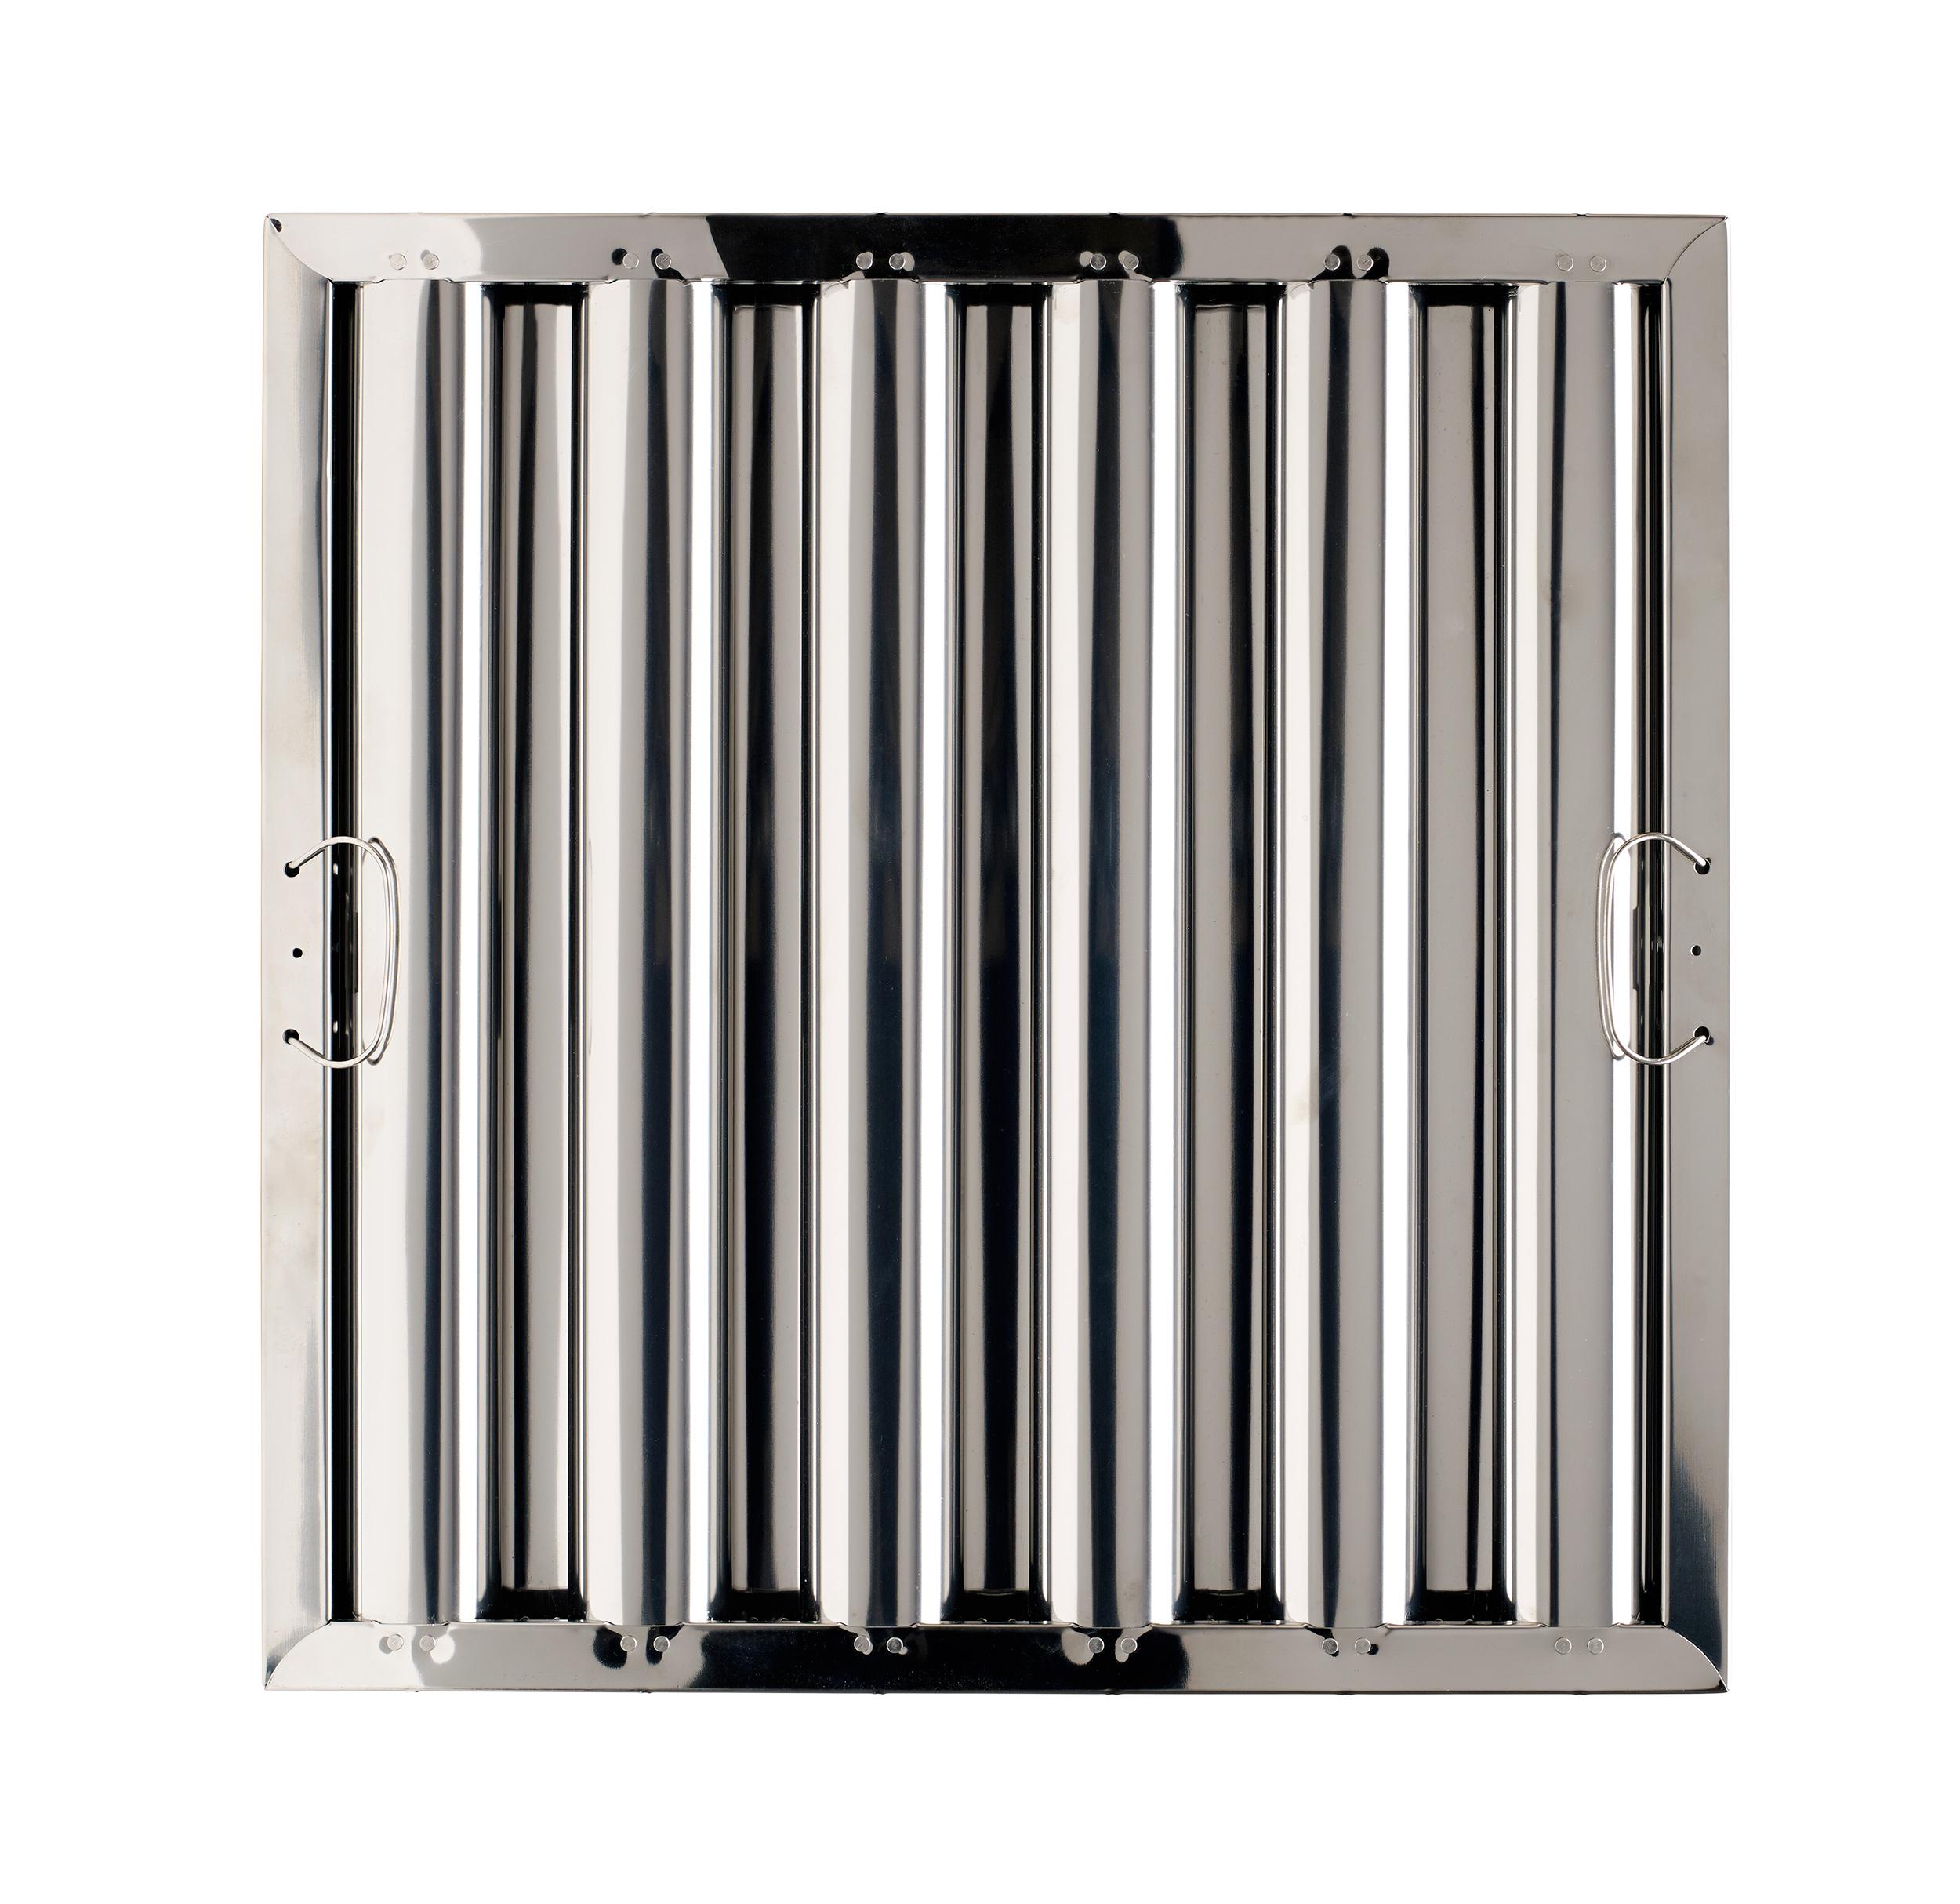 Krowne Metal RS2520 exhaust hood filter